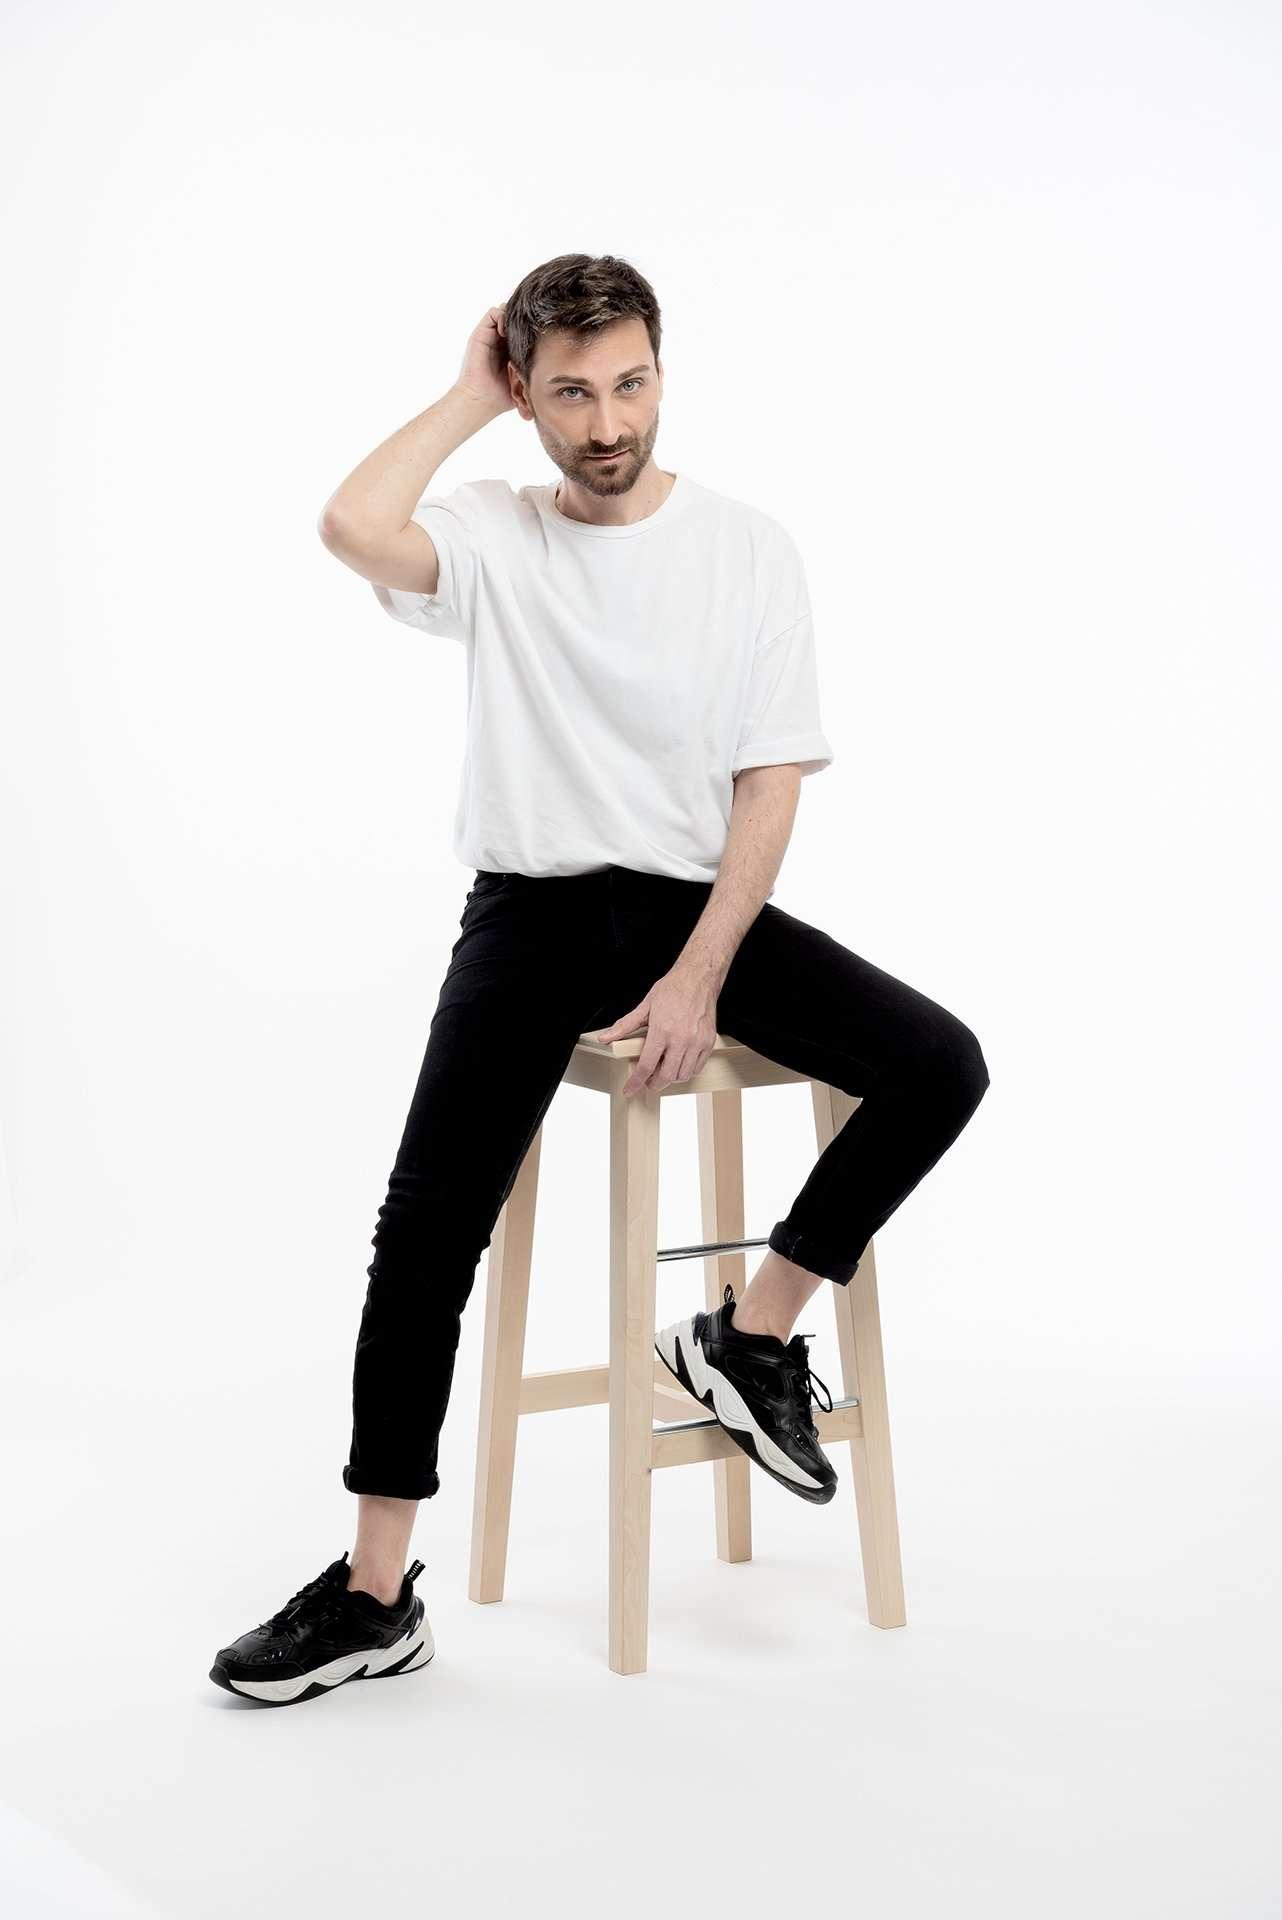 Fotografia ragazzo con t-shirt bianca